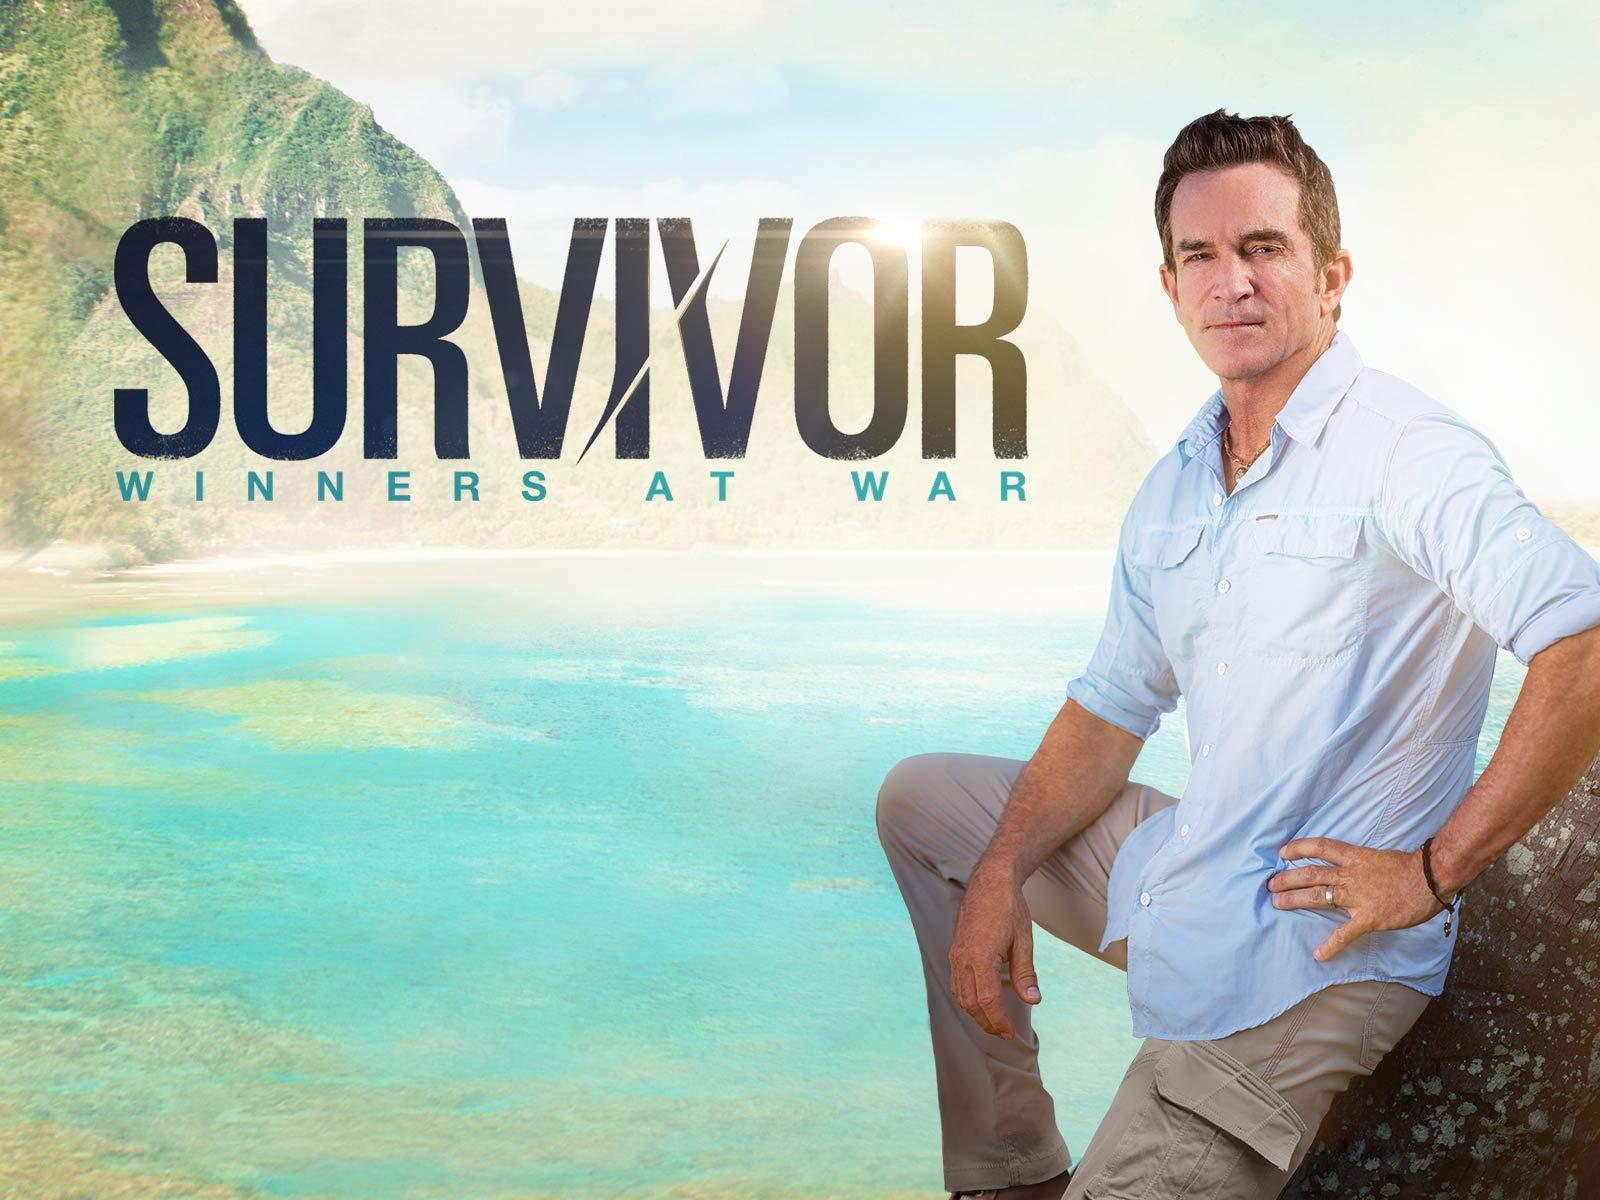 survivor season 41 delayed